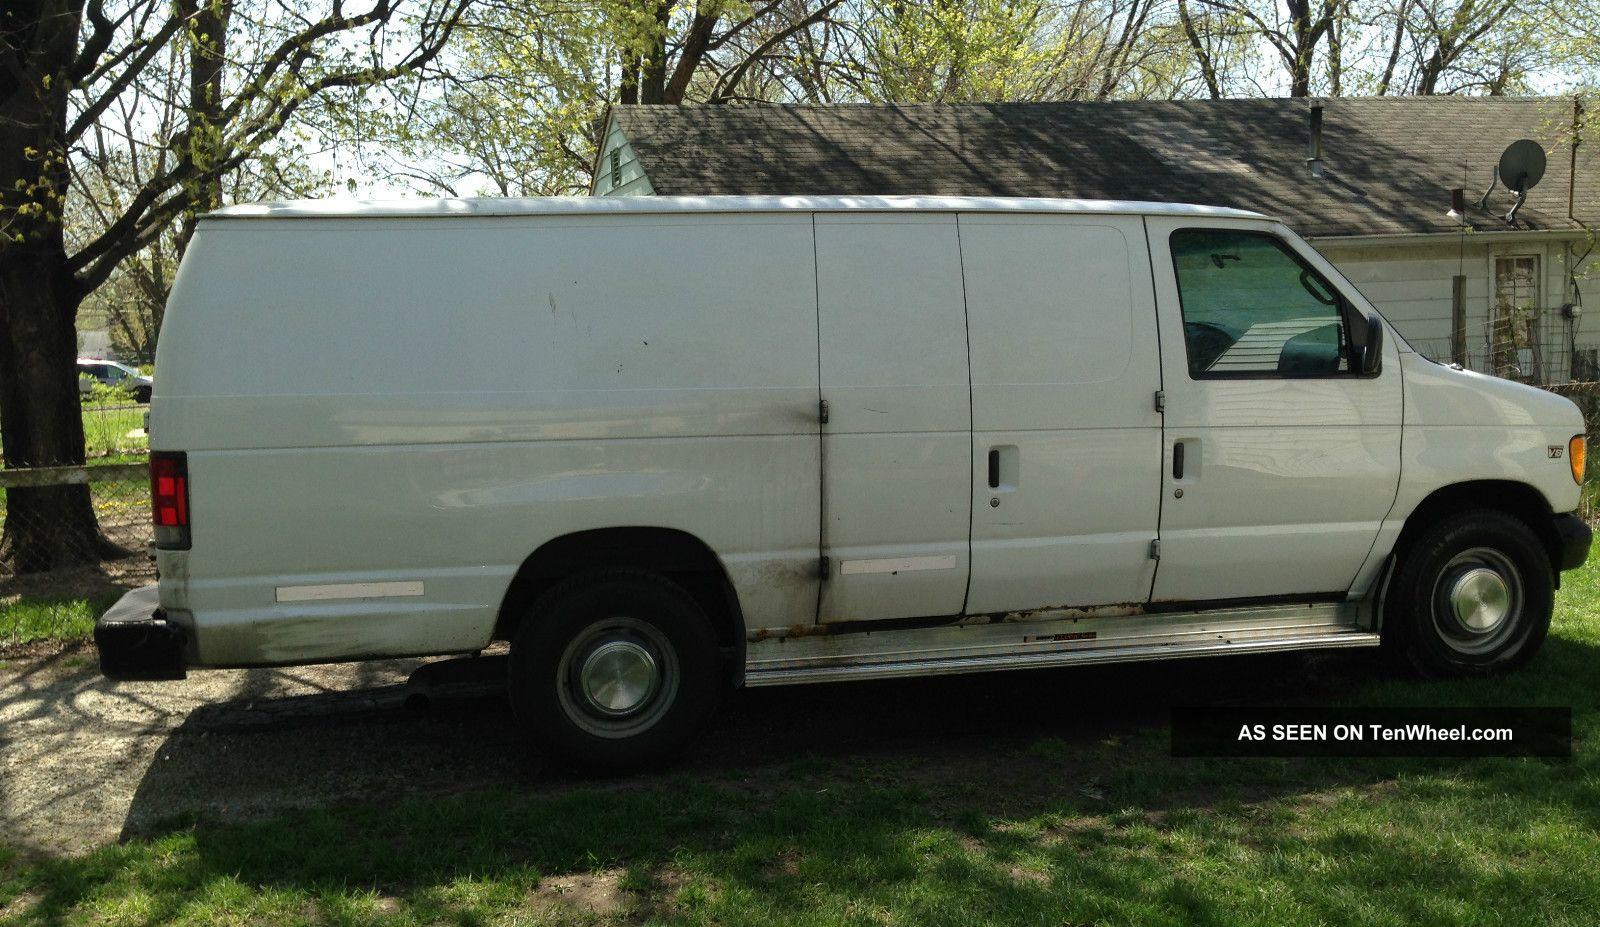 2002 ford e 350 econoline base extended cargo van 2 door 7 3l diesel. Black Bedroom Furniture Sets. Home Design Ideas